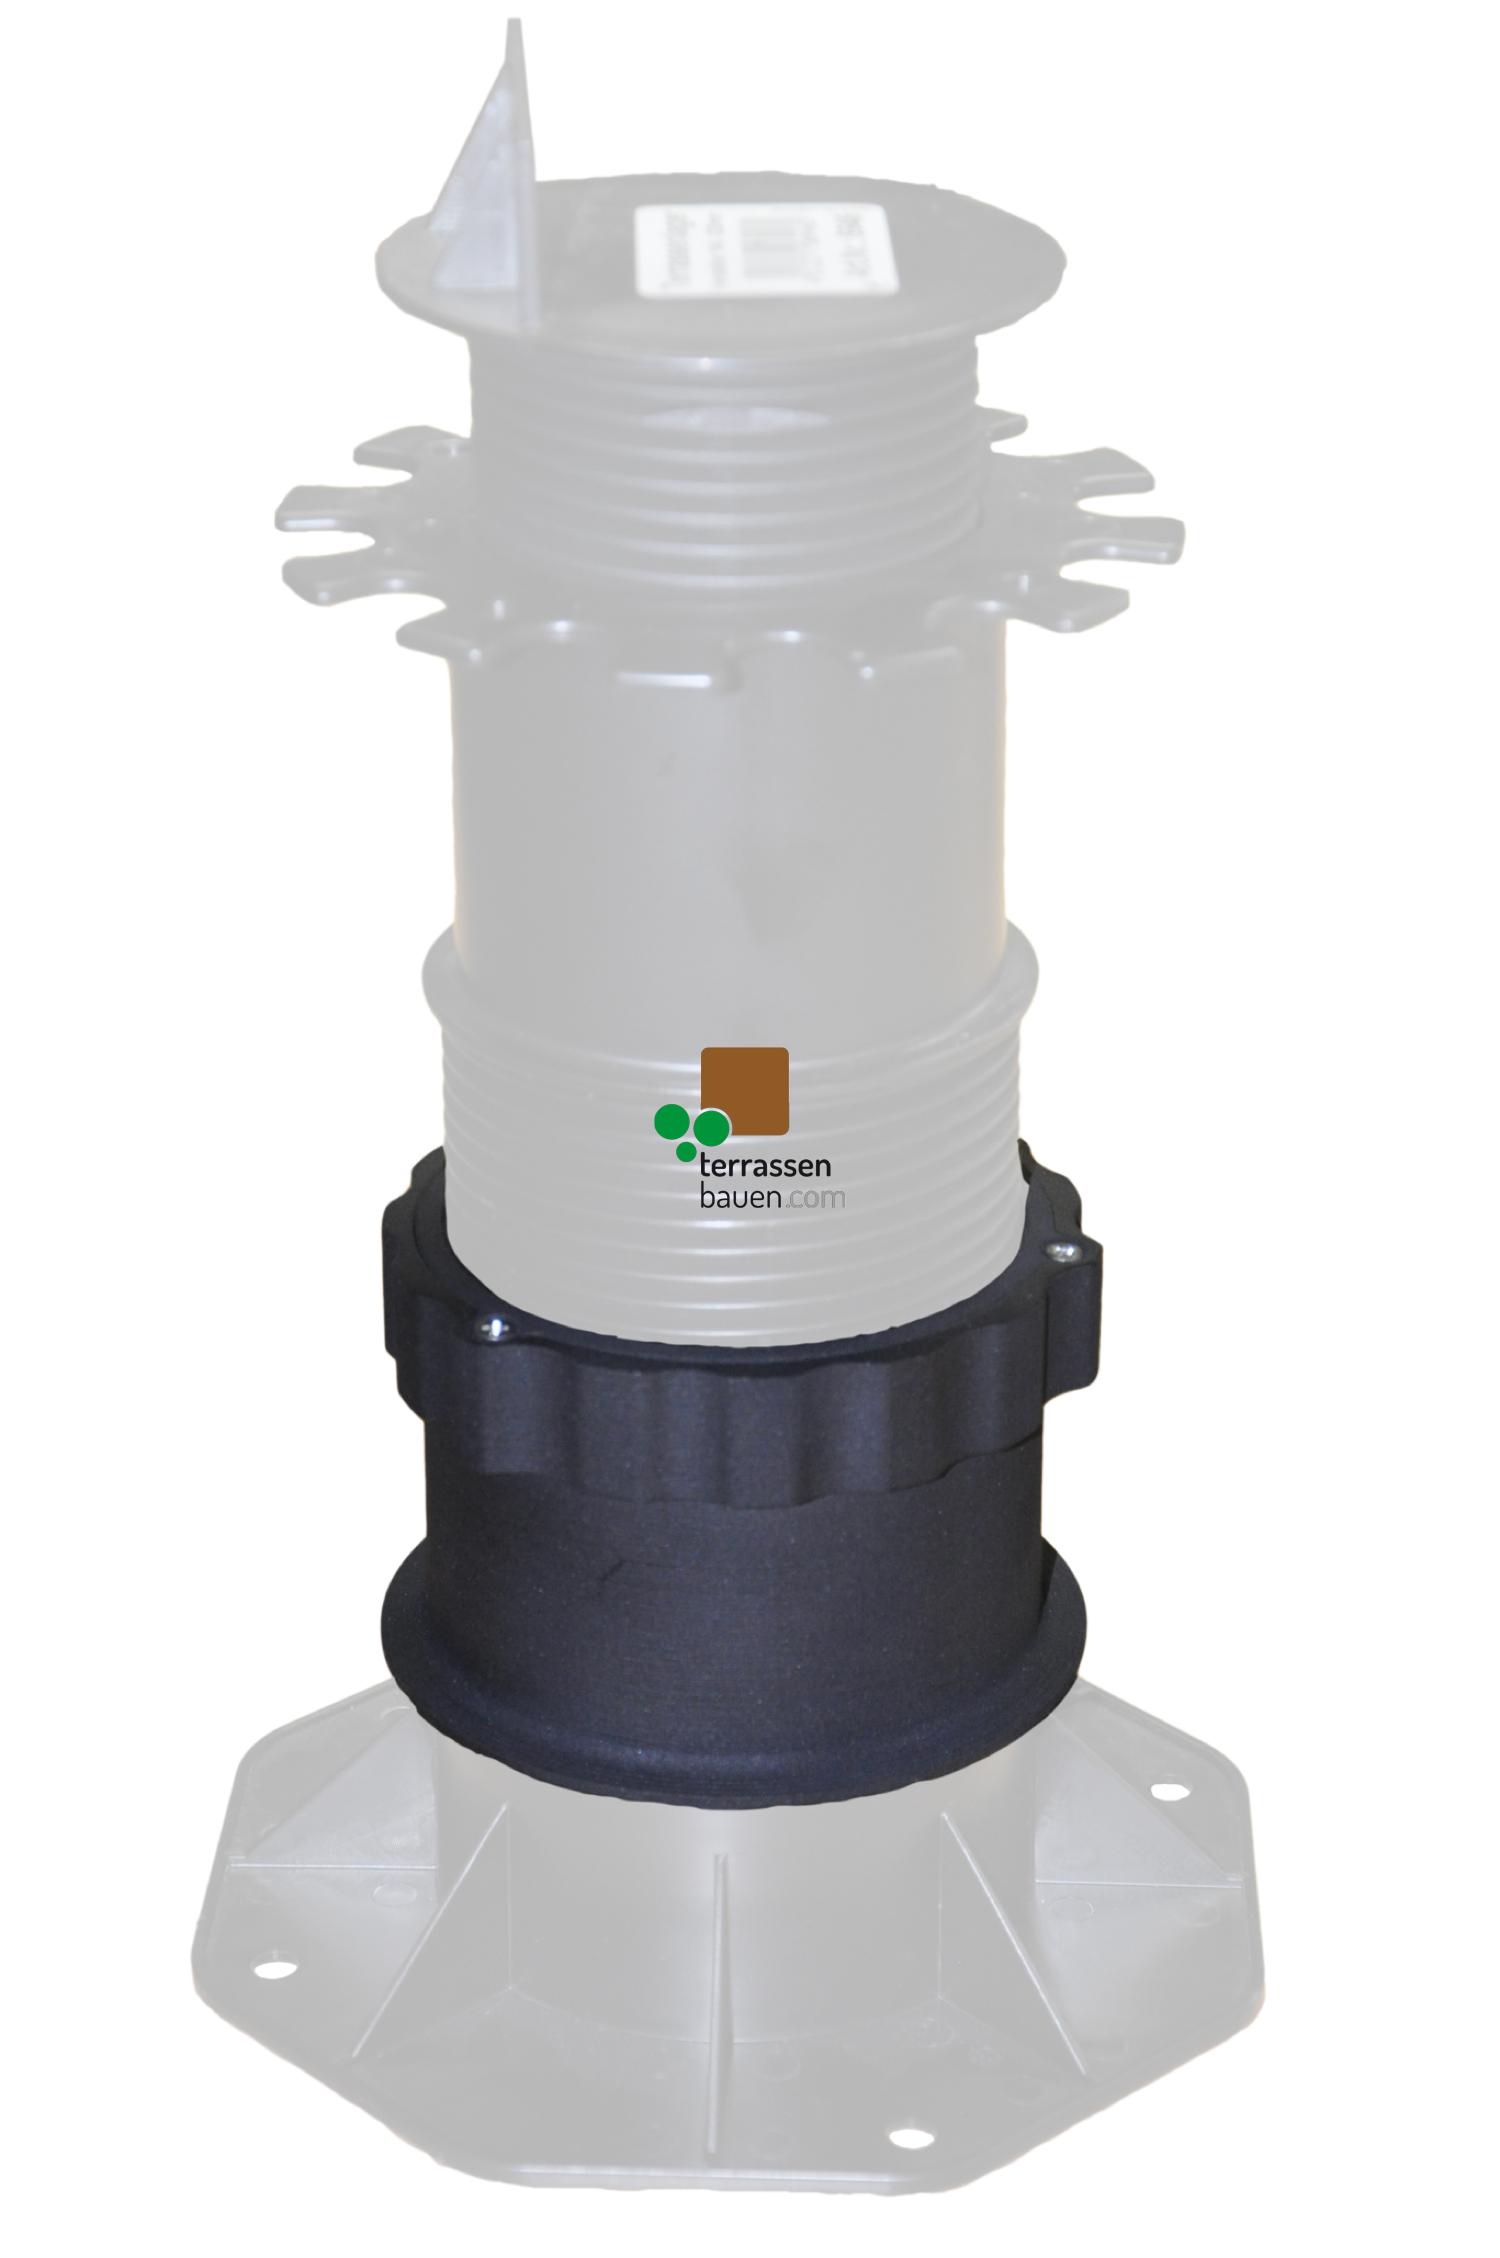 K&R Terracon Adapter für Terrassenlager, 80 mm Verlängerung